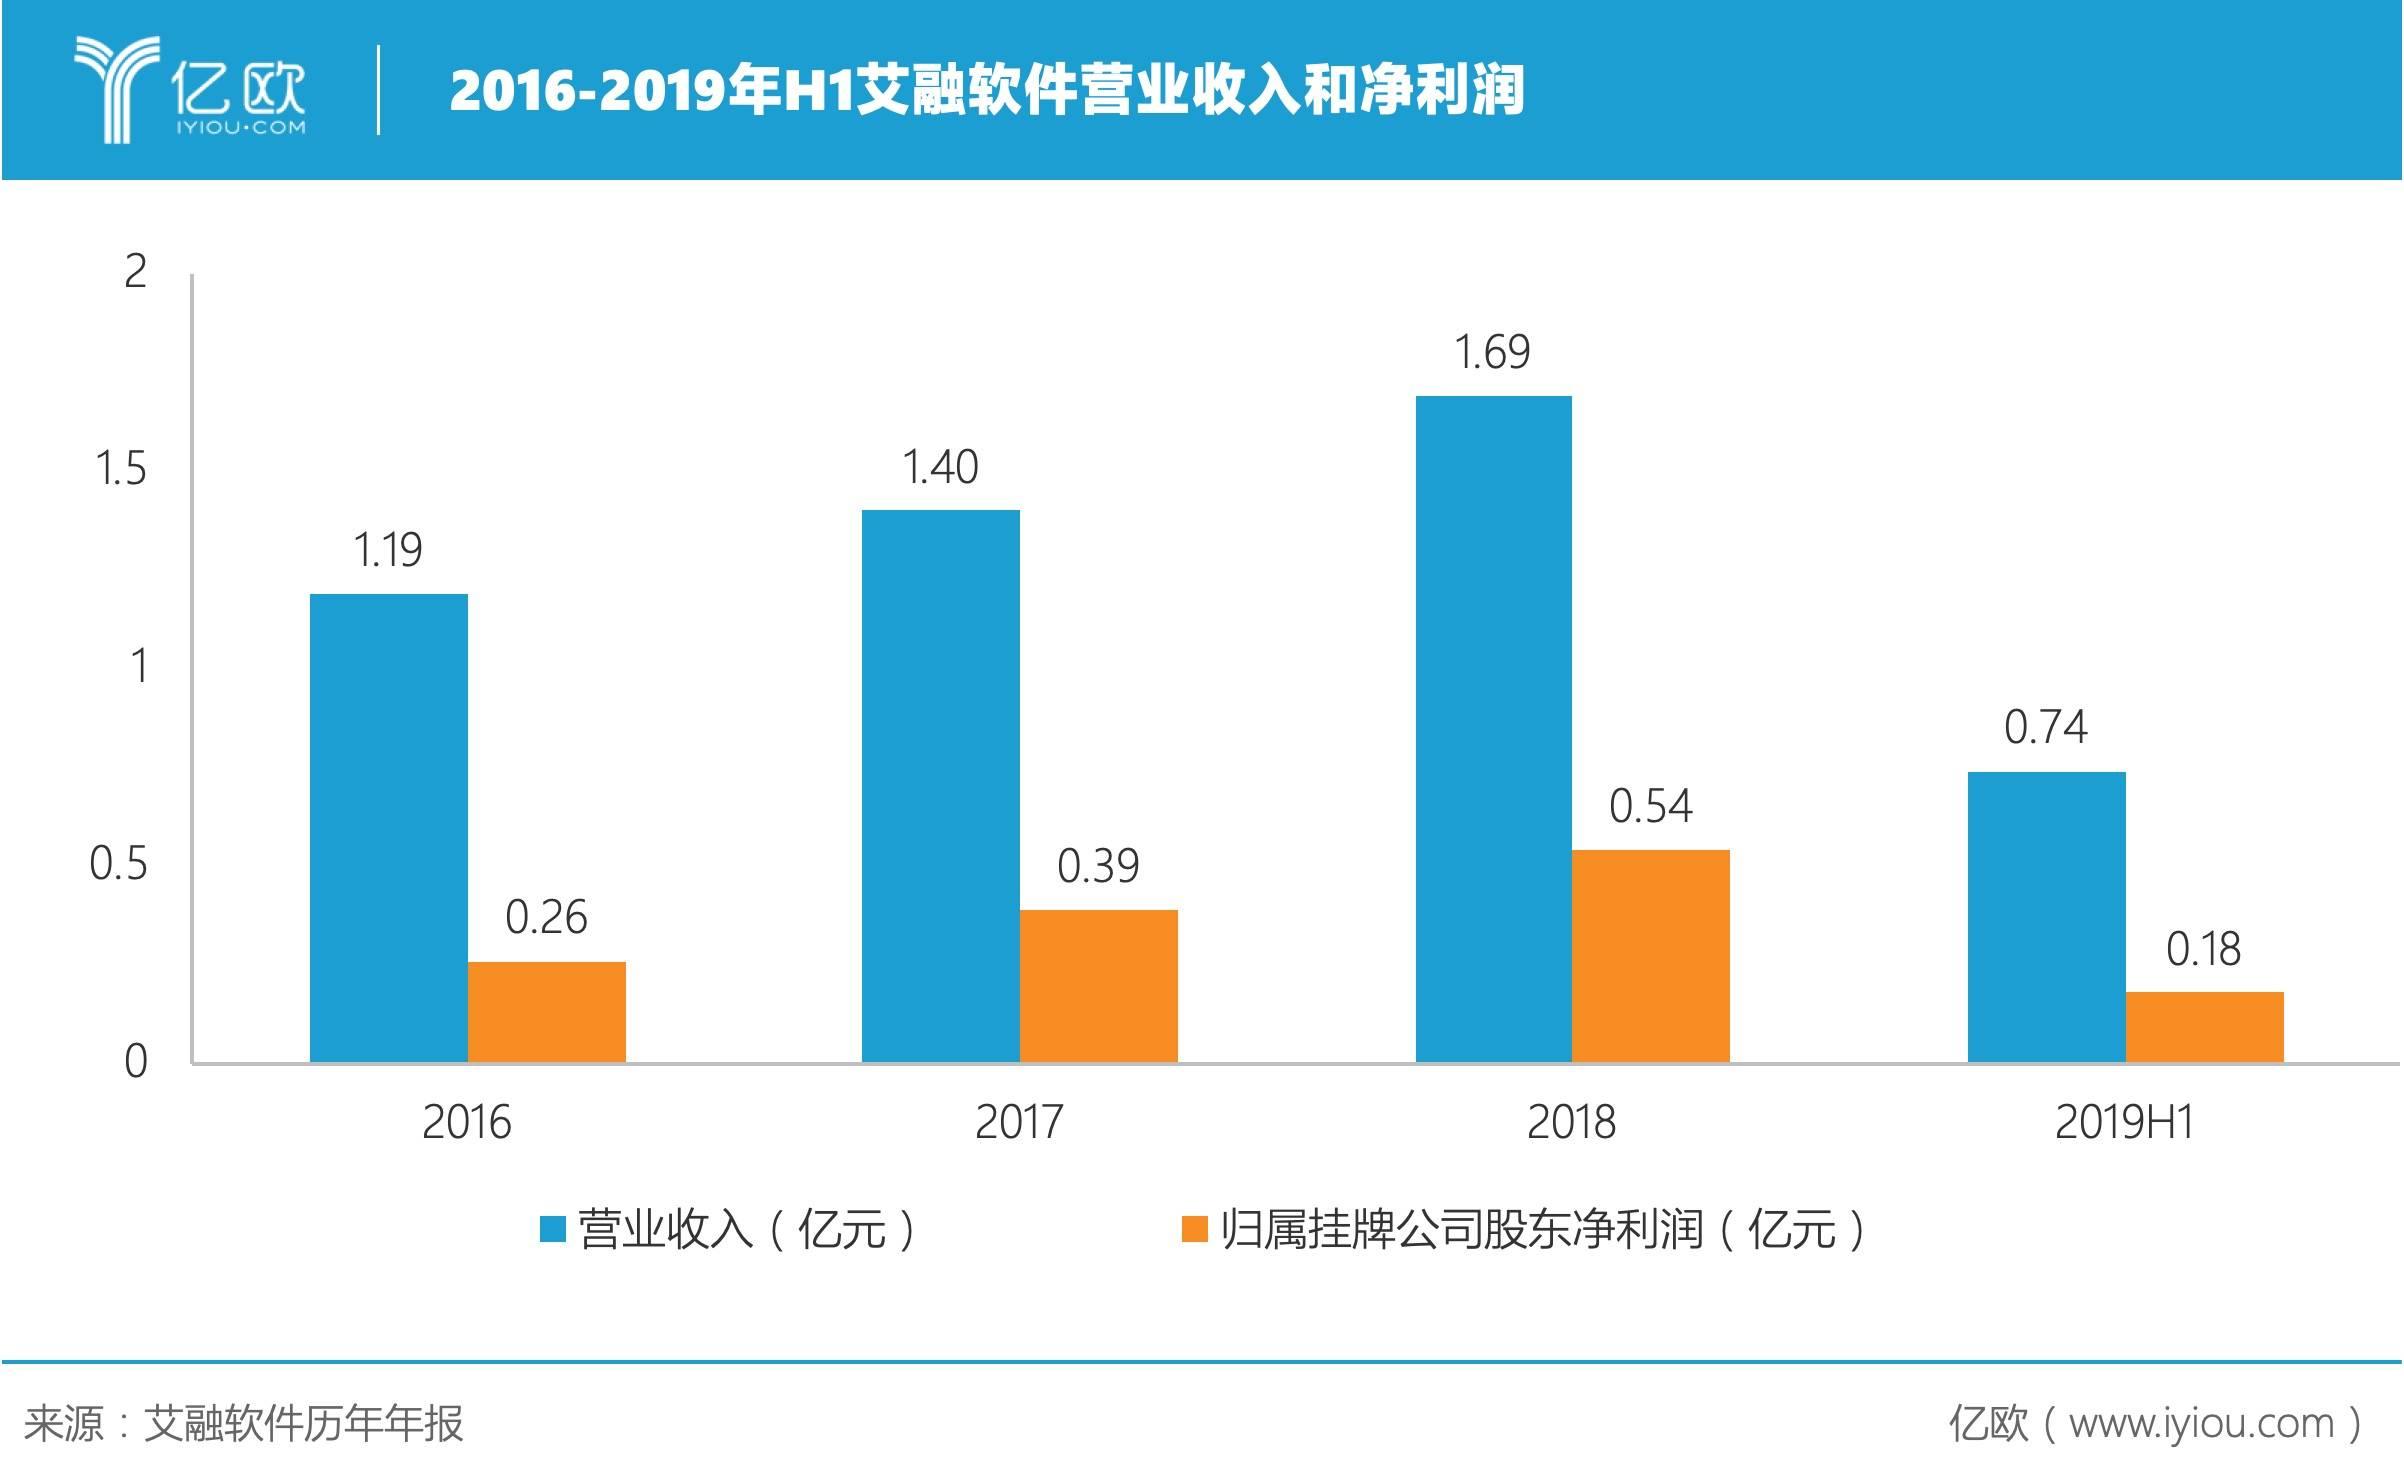 2016-2019年H1艾融软件营业收入和净利润.jpeg.jpeg